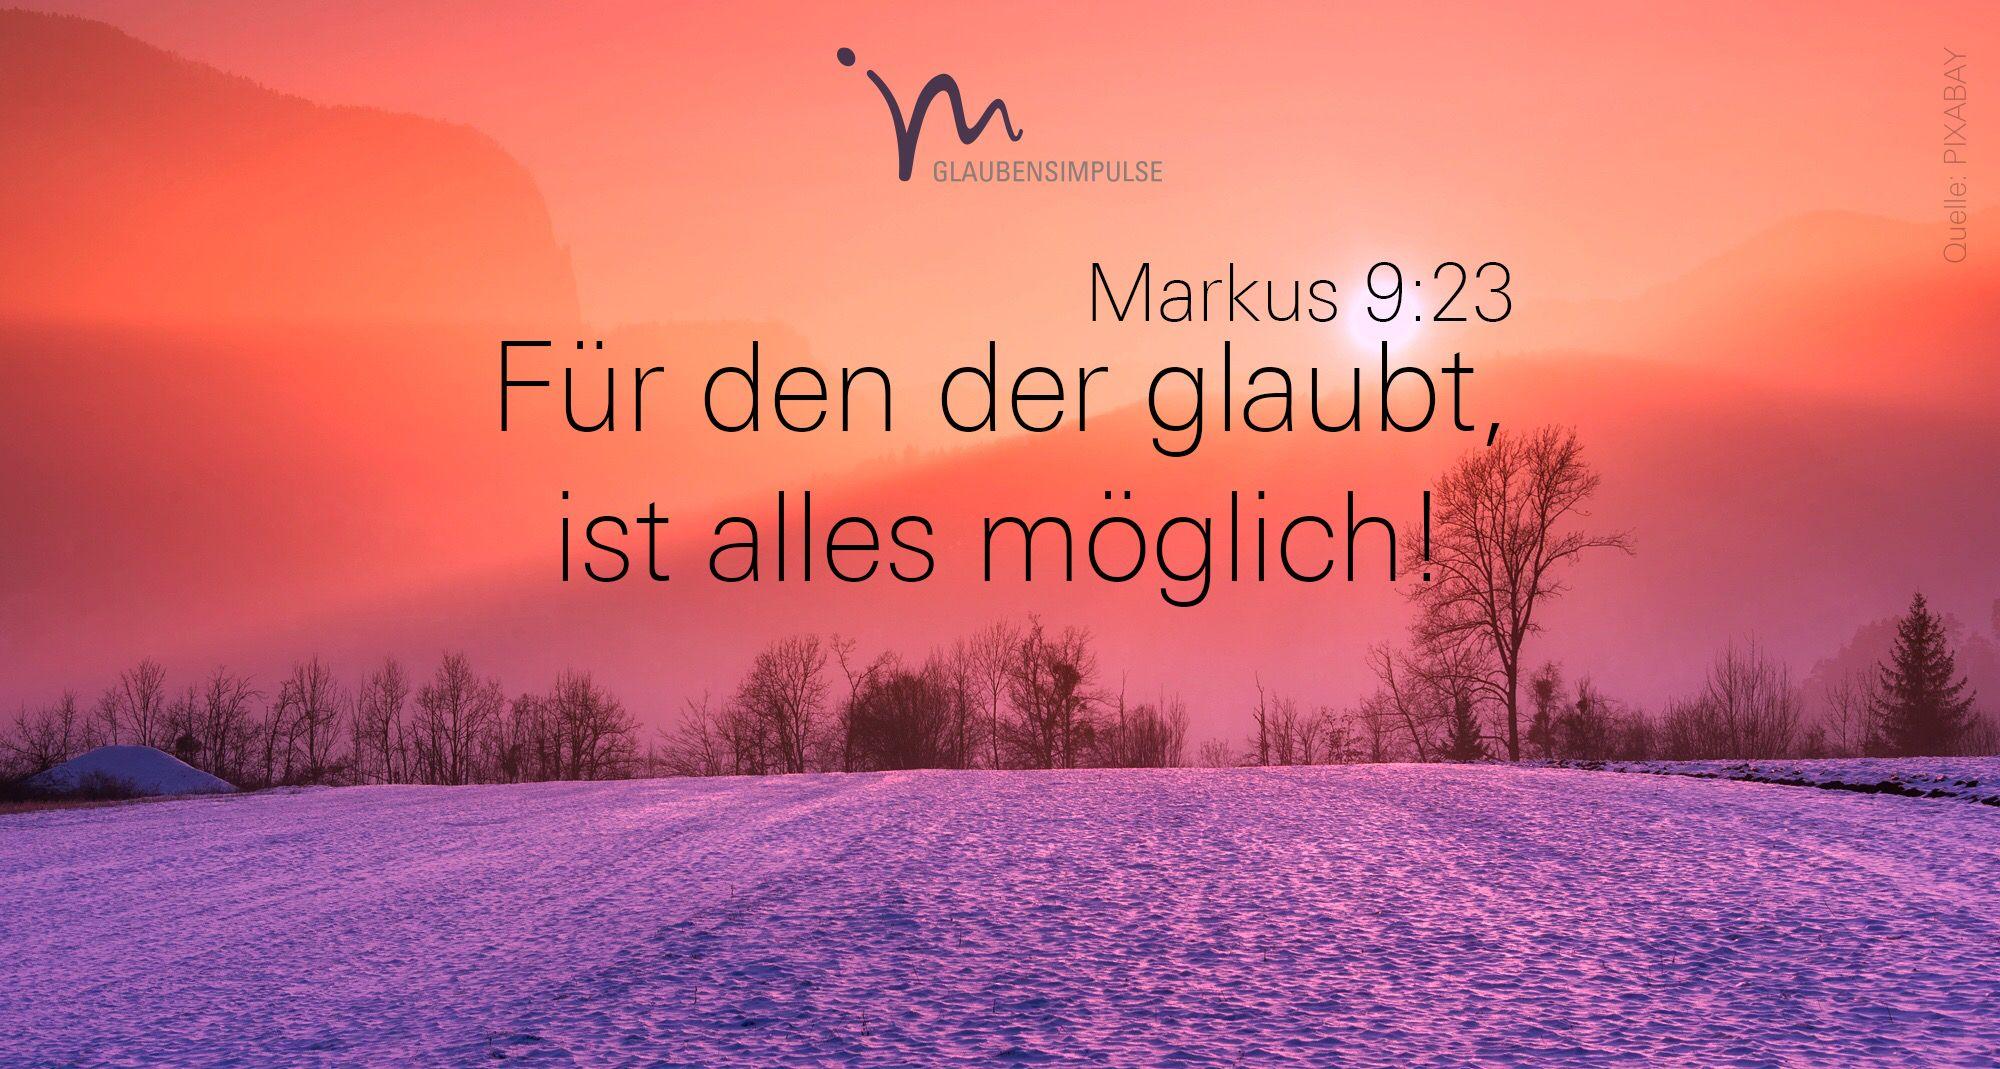 Wenn Es Dir Moglich Ist Sagst Du Entgegnete Jesus Fur Den Der Glaubt Ist Alles Moglich Markus Bibel Zitate Christliche Zitate Zitate Lebensfreude